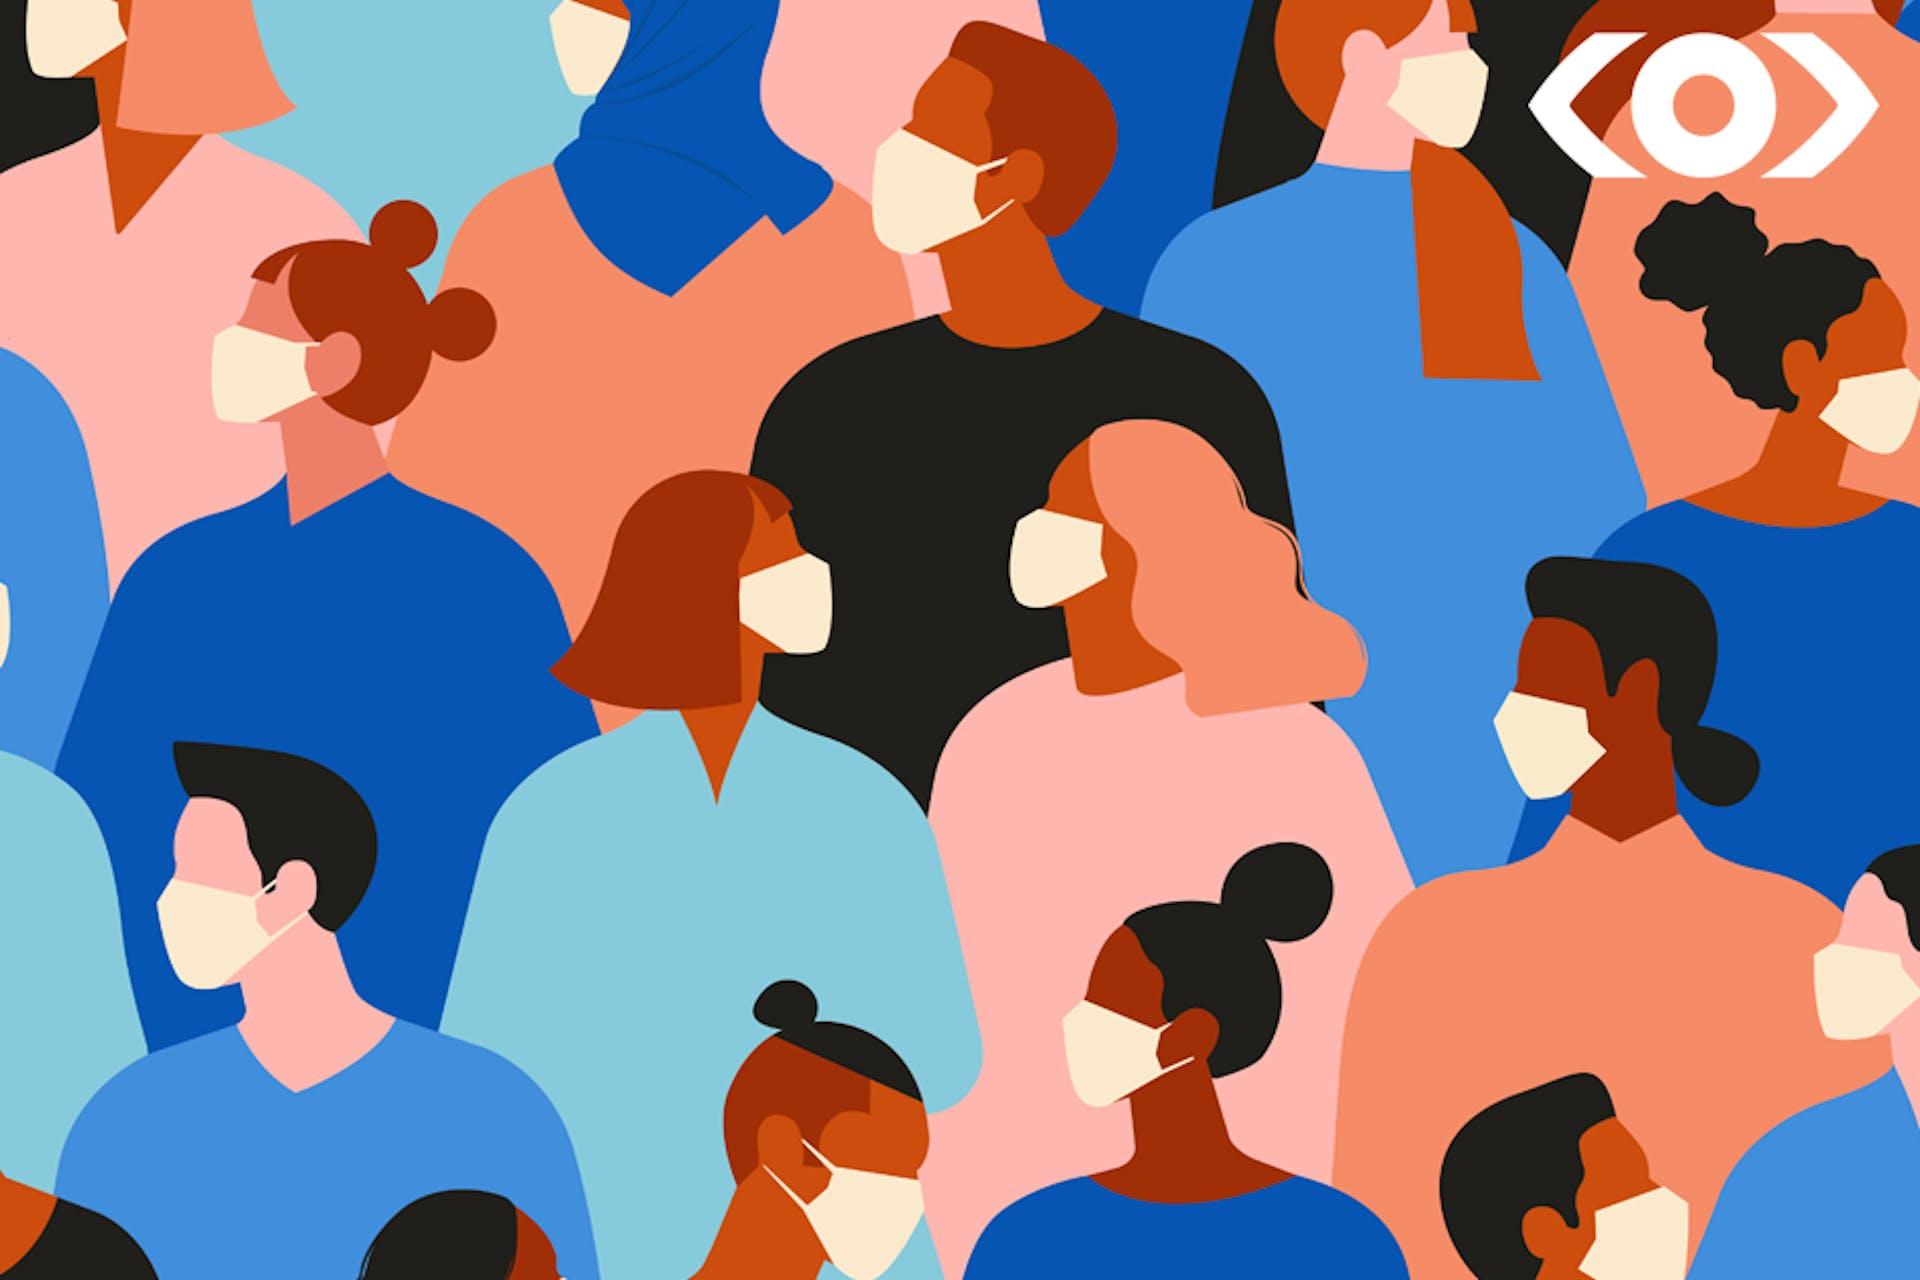 Koronavirus uutisissa ja sosiaalisessa mediassa